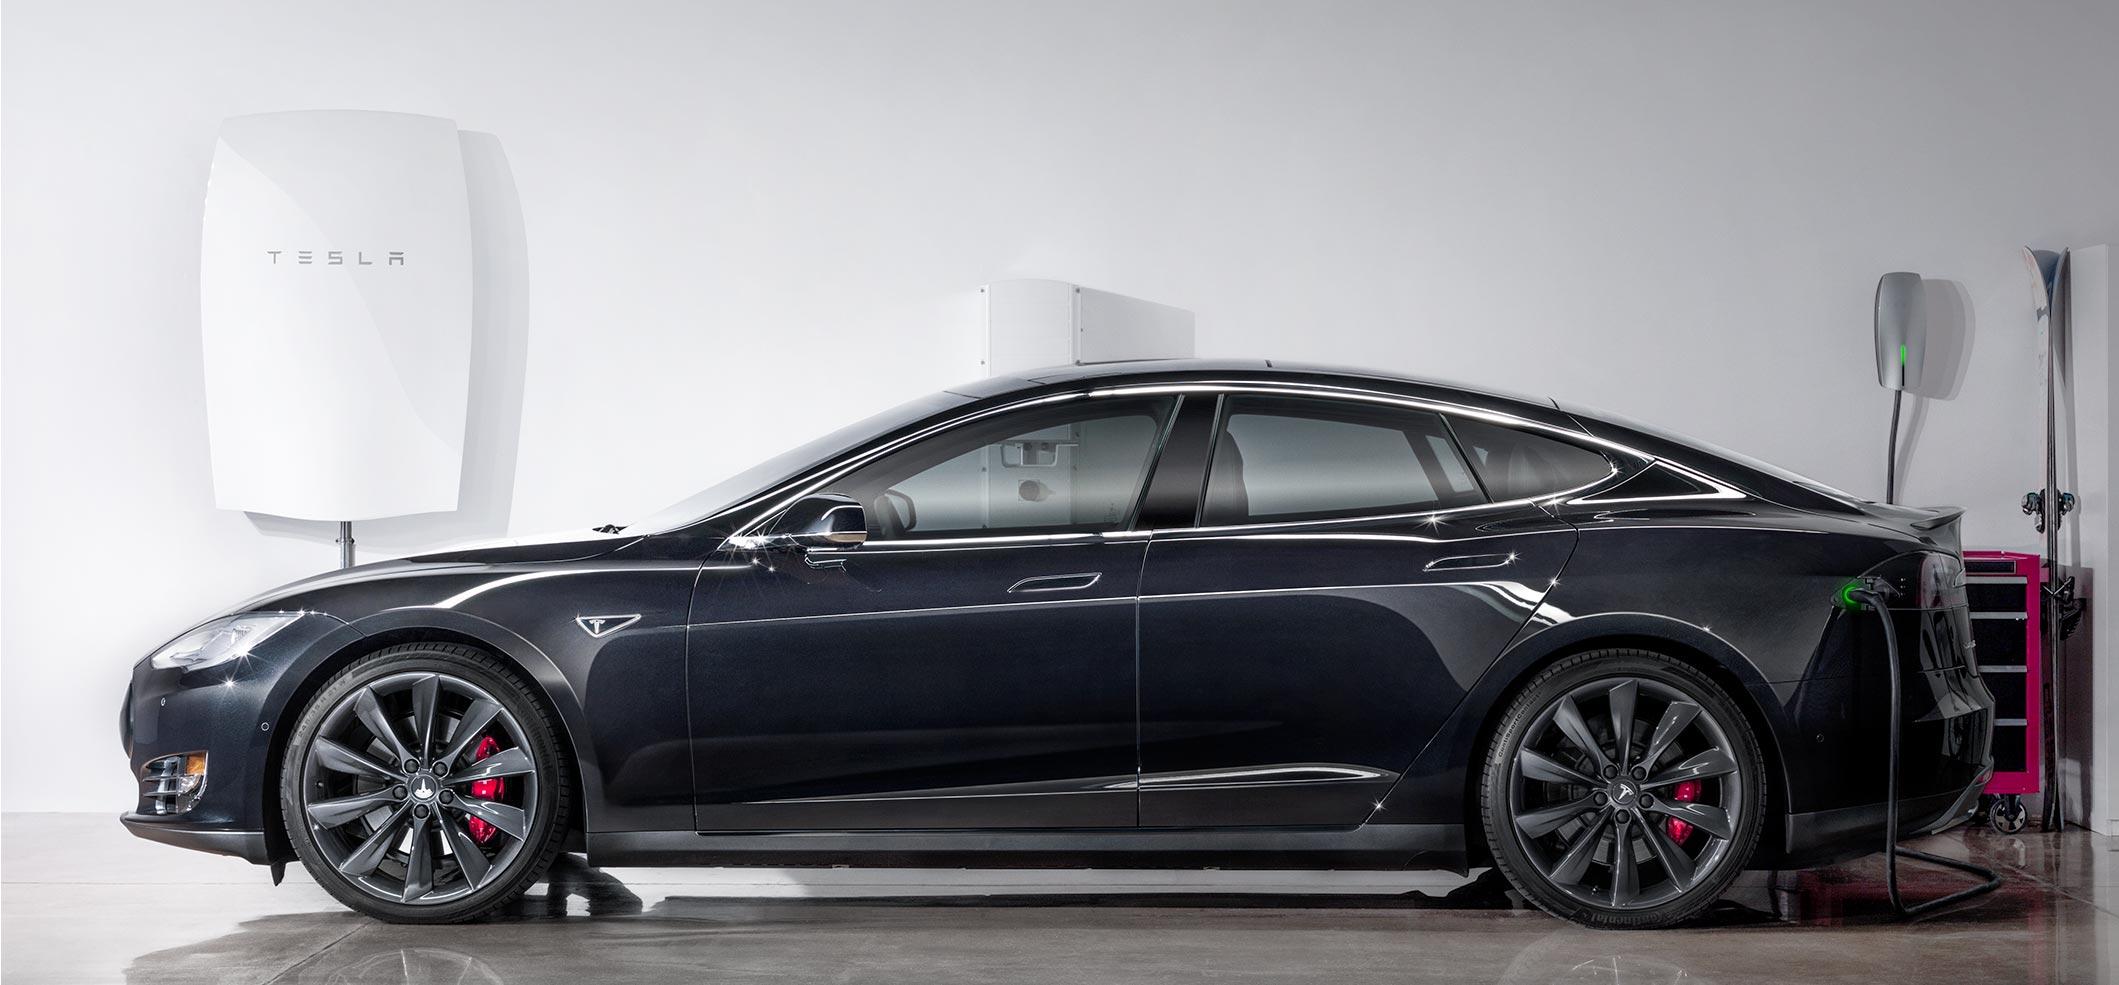 Tesla Powerwall den eigenen Energiespeicher für zu Hause